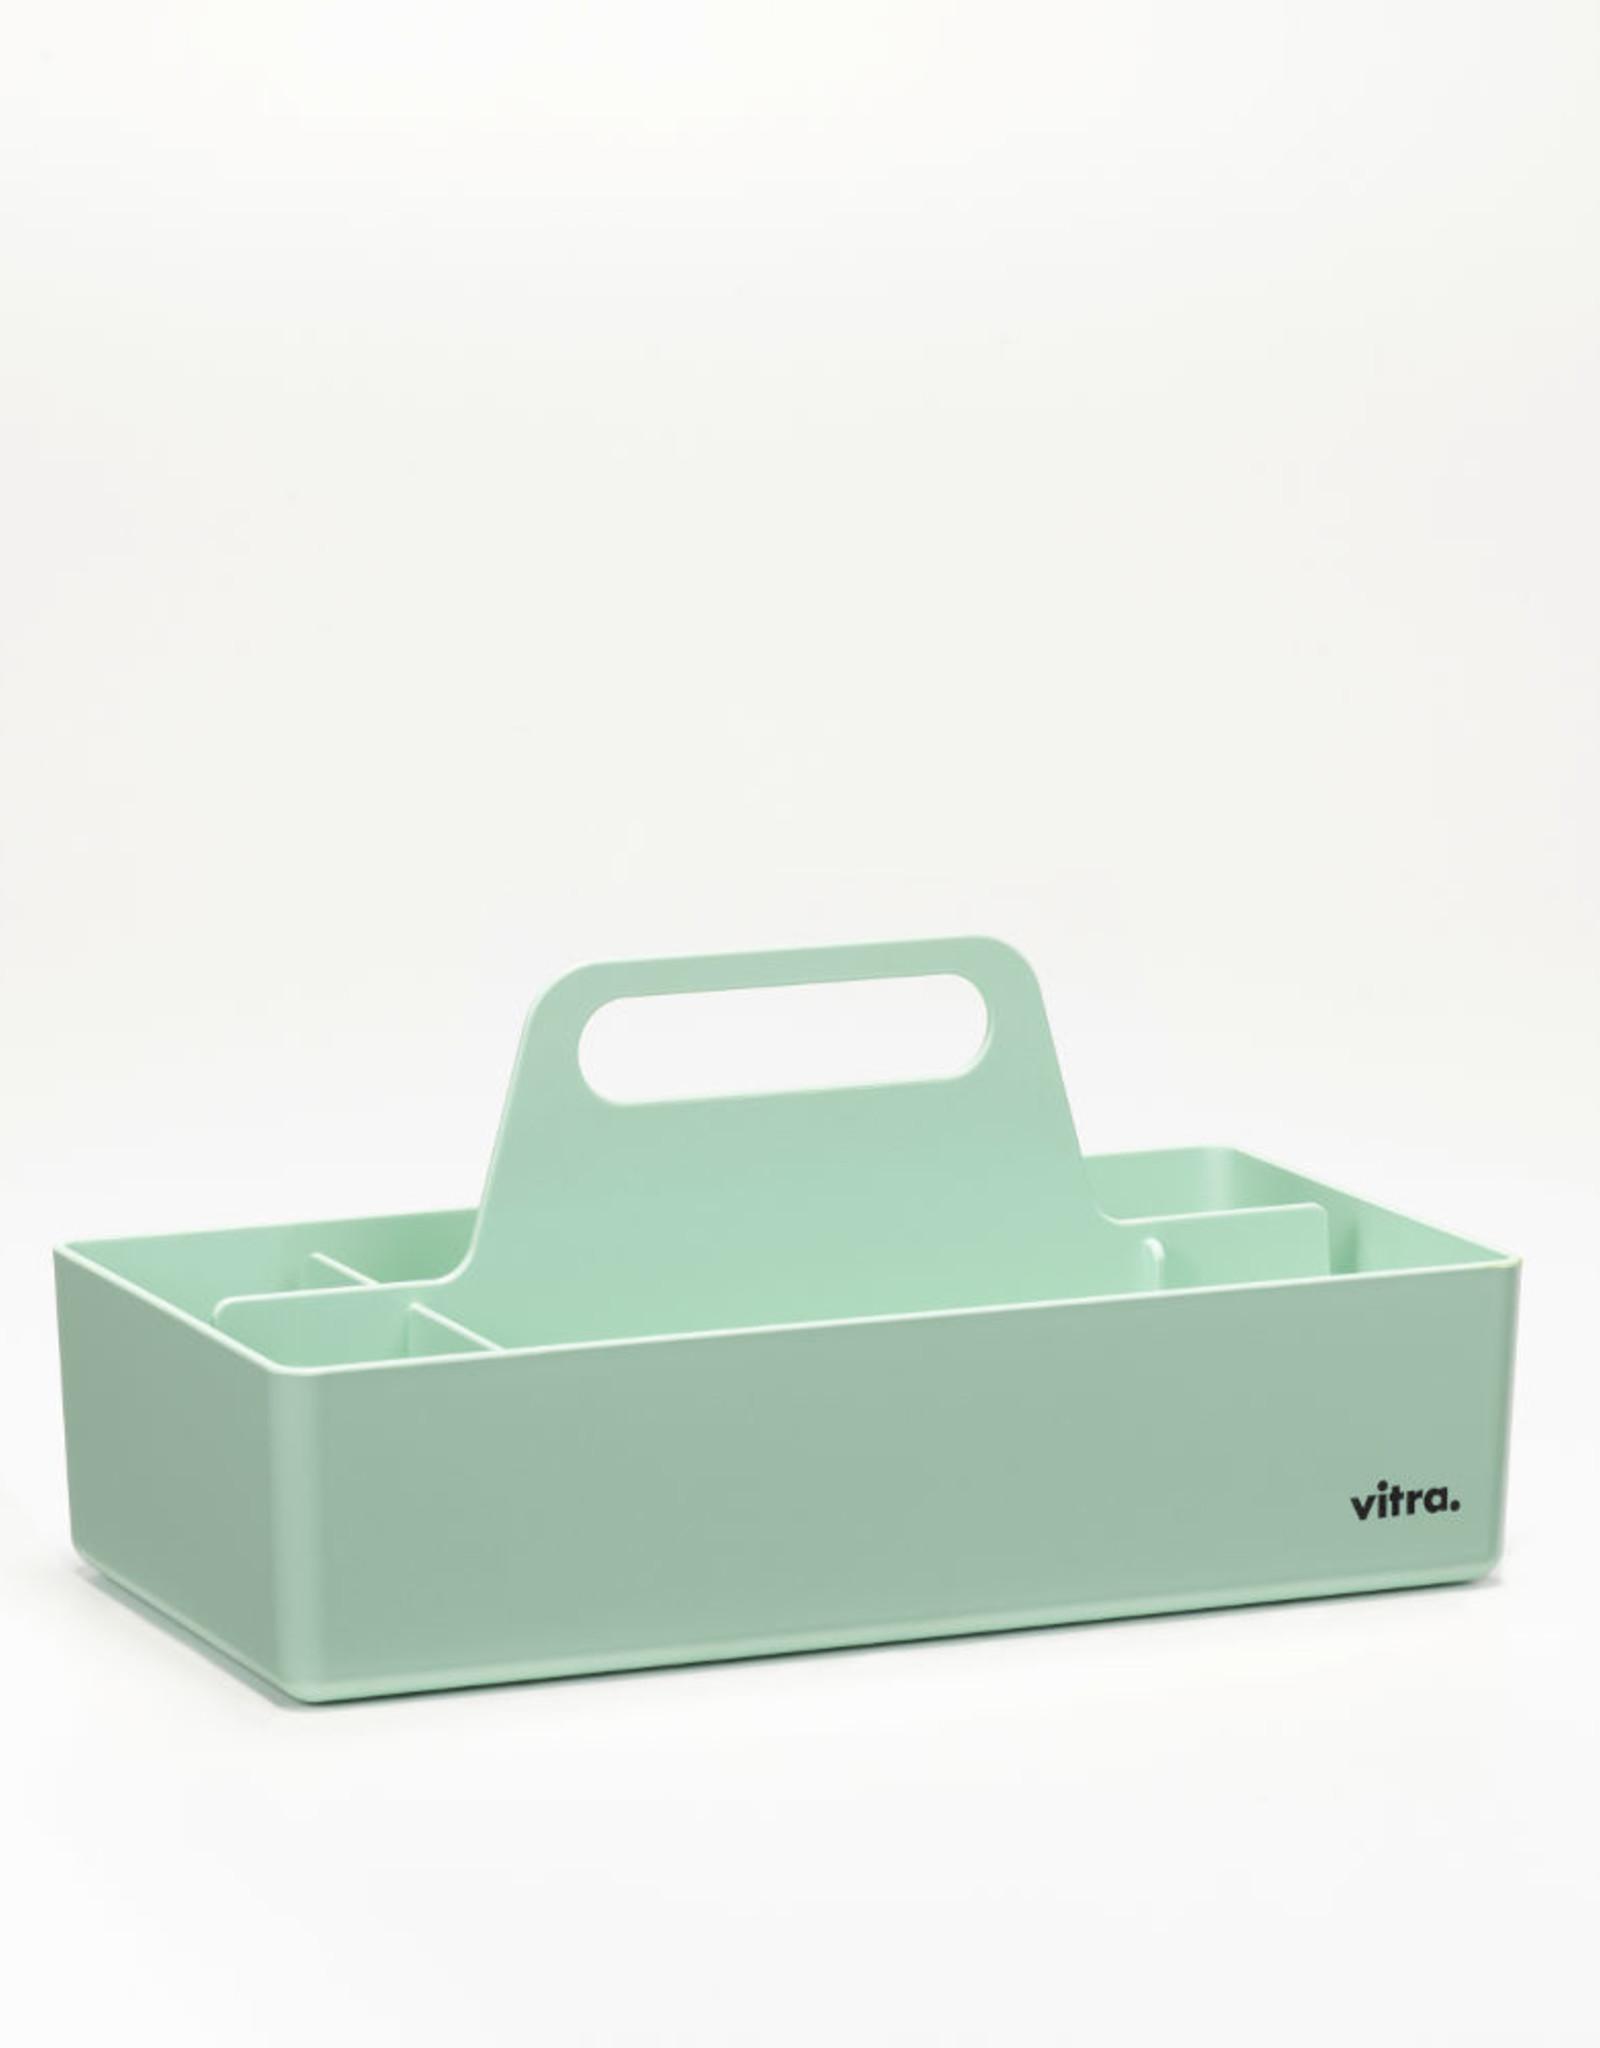 Vitra VITRA Toolbox Mint Green